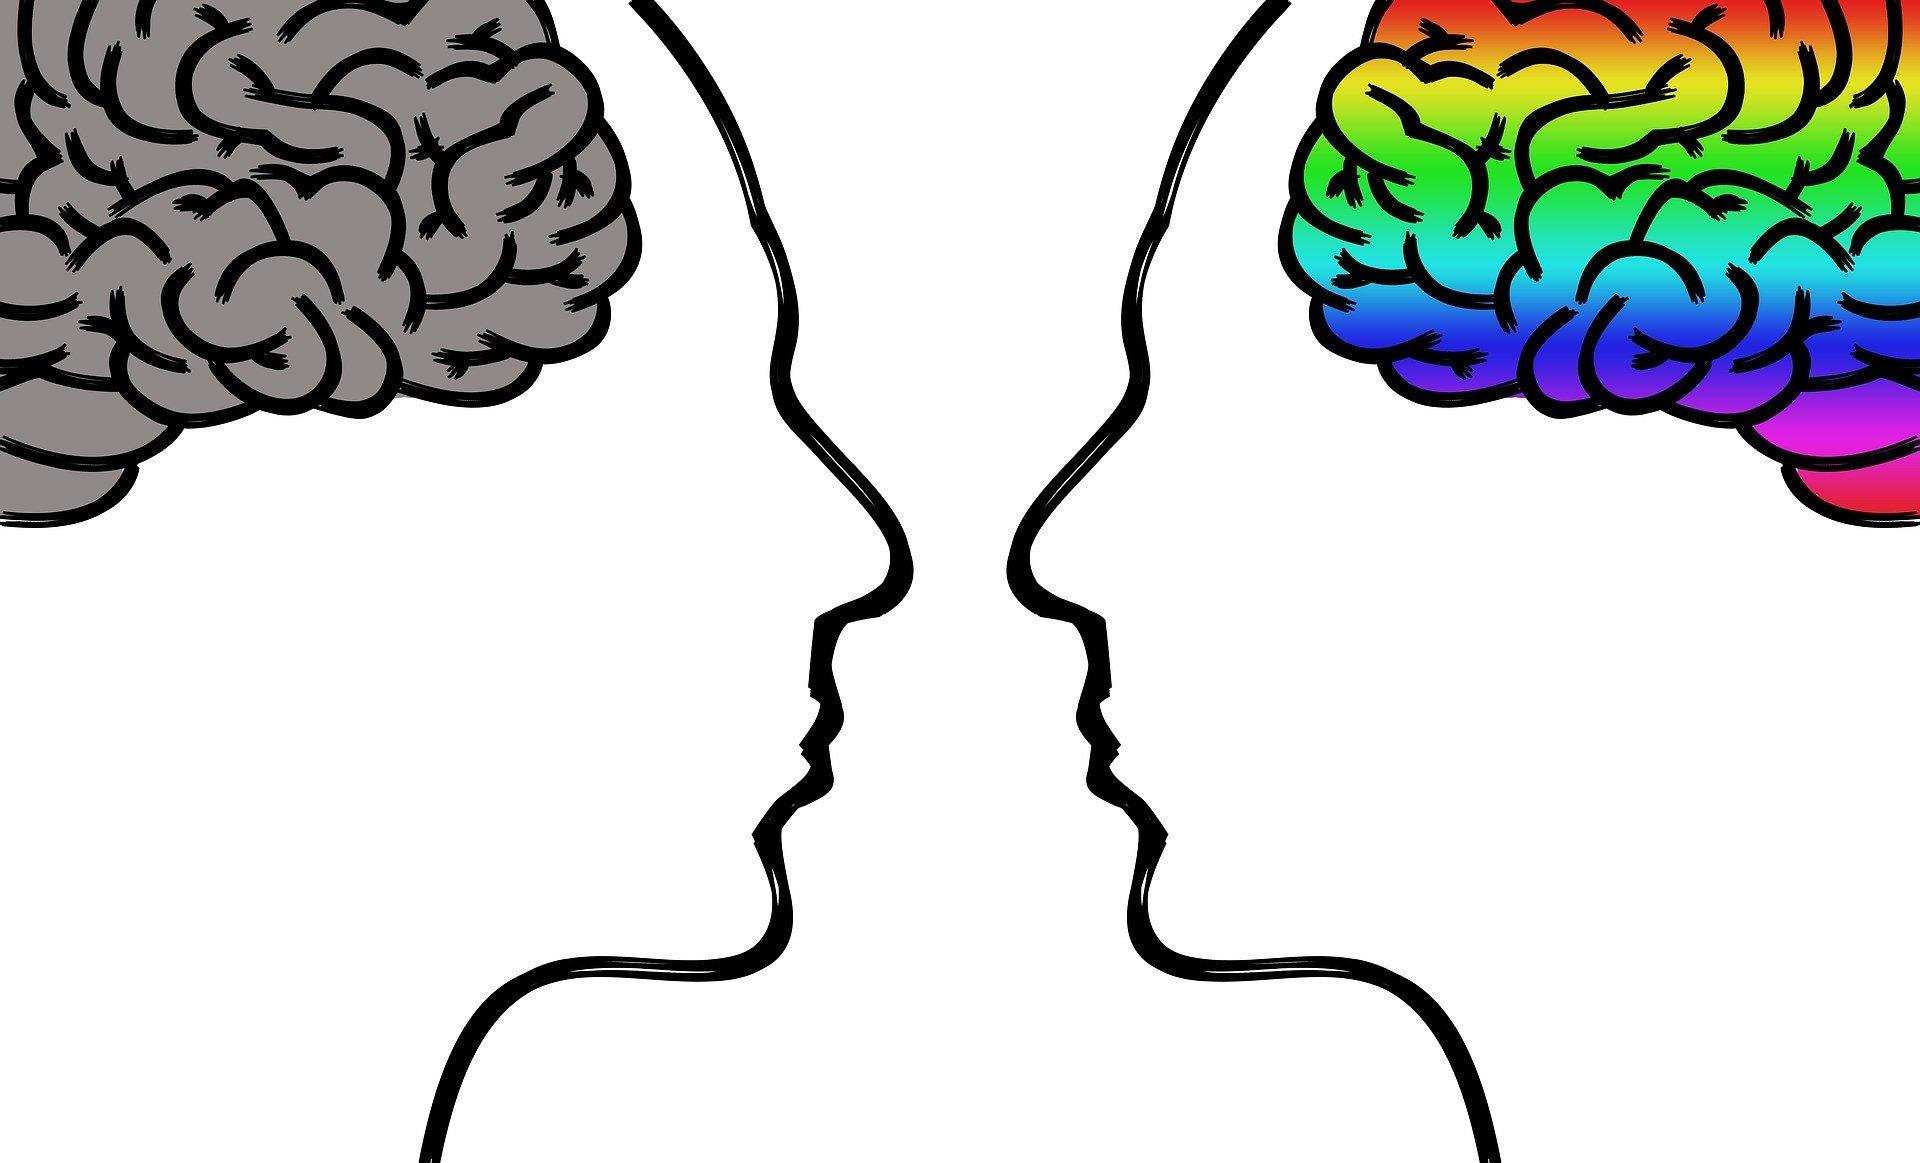 Интересные факты о верхнем и нижнем мозге